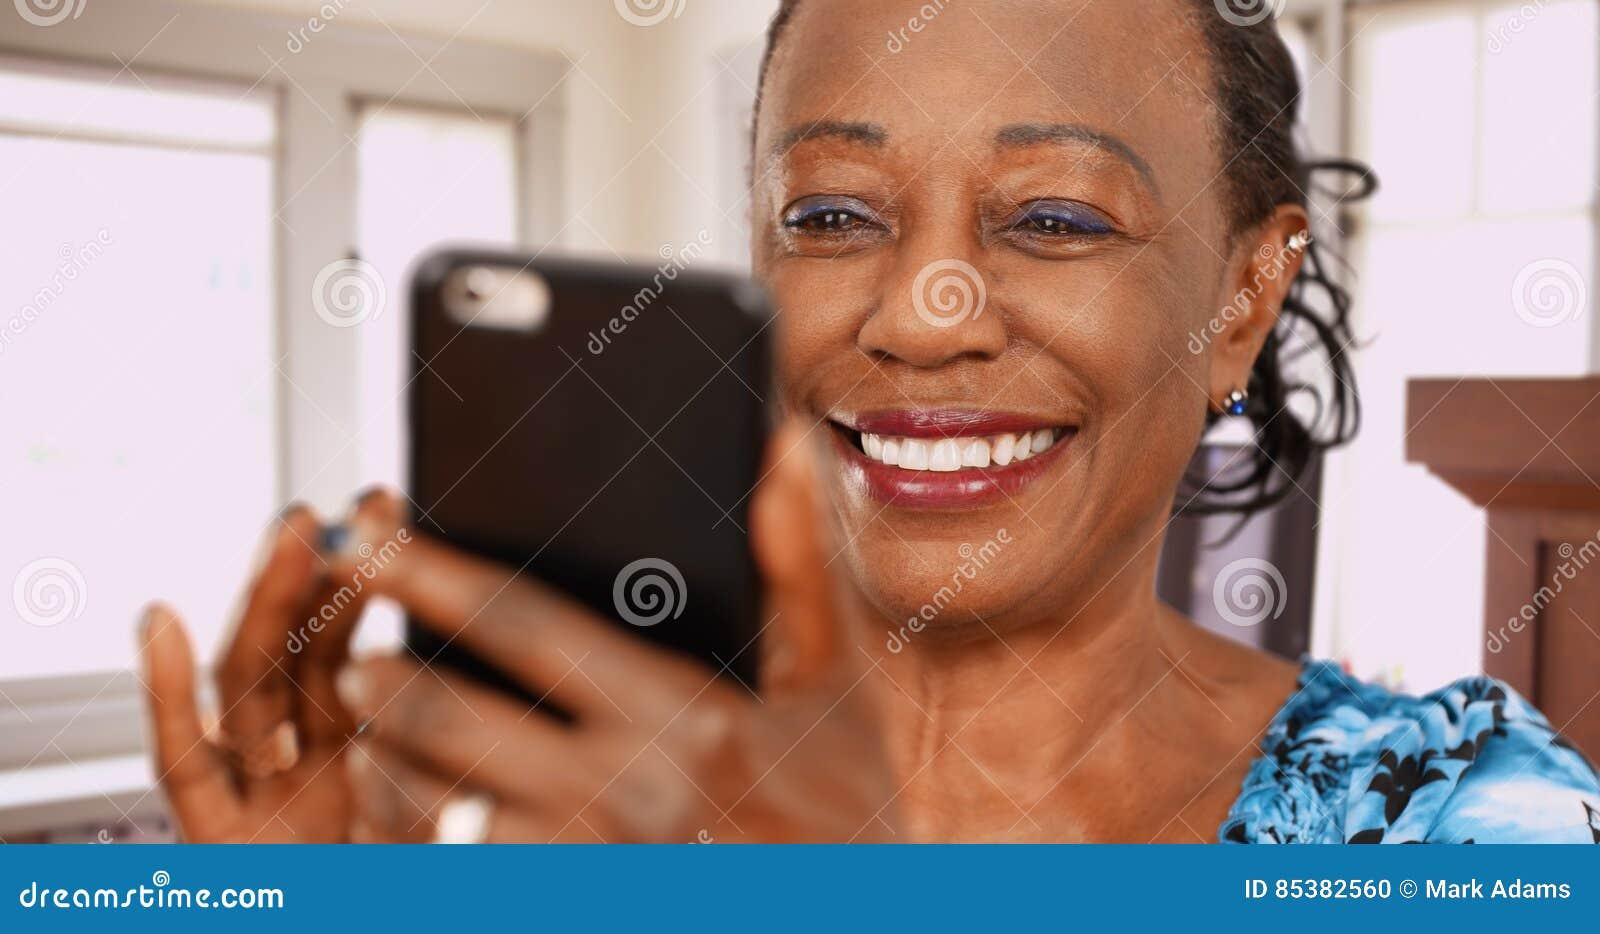 Äldre tillbaka hårda slag för en kvinna på hennes favorit- datera app